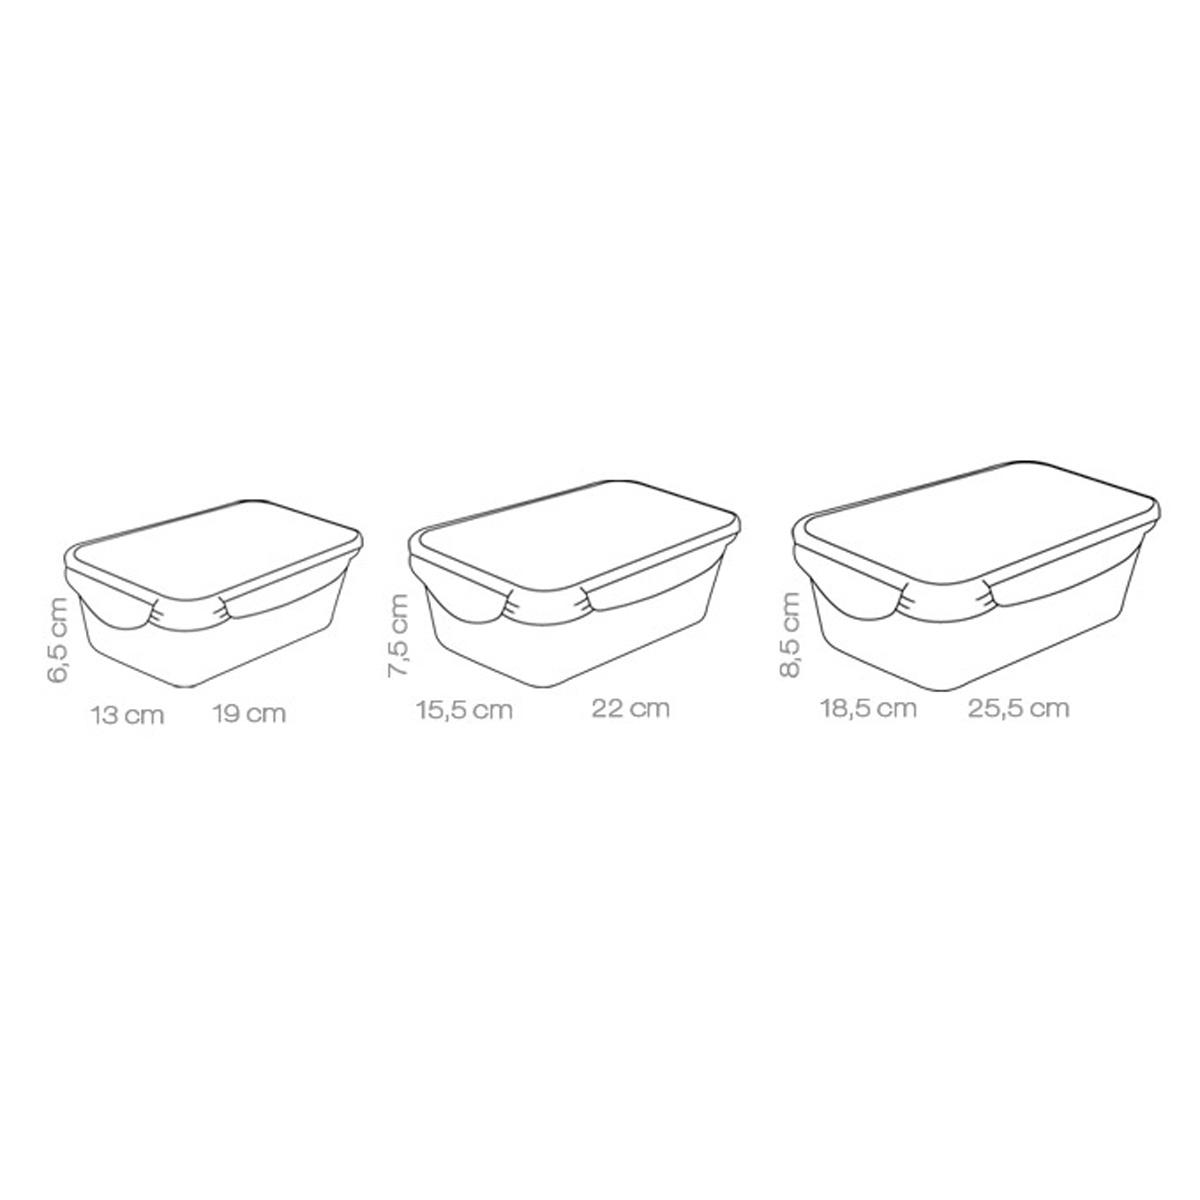 Dóza FRESHBOX 3ks, 1.0, 1.5 ,2.5 l, obdélníková